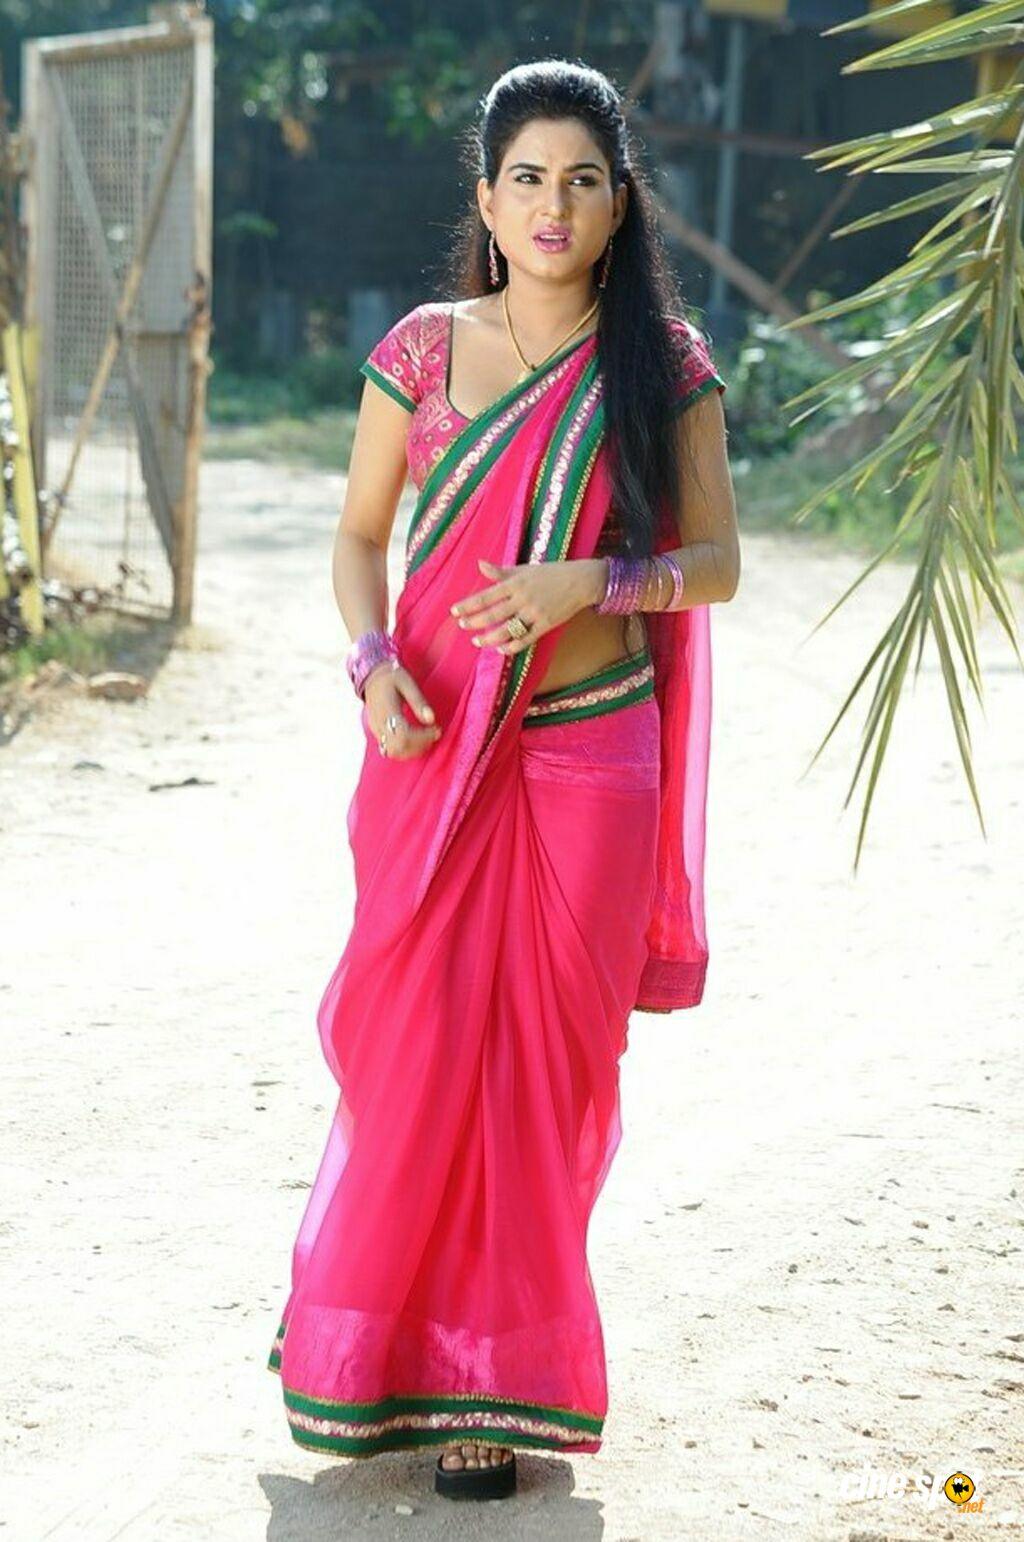 South Actress In Hot Sarees 1024x1542 Wallpaper Teahub Io